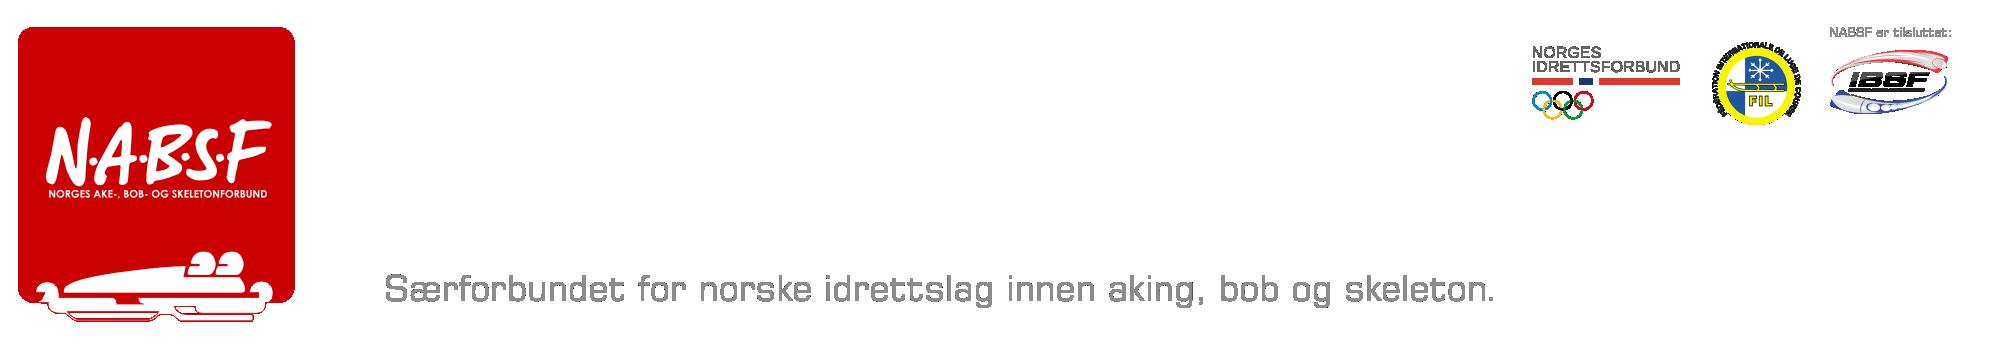 Norges Ake, Bob-, og Skeletonforbund